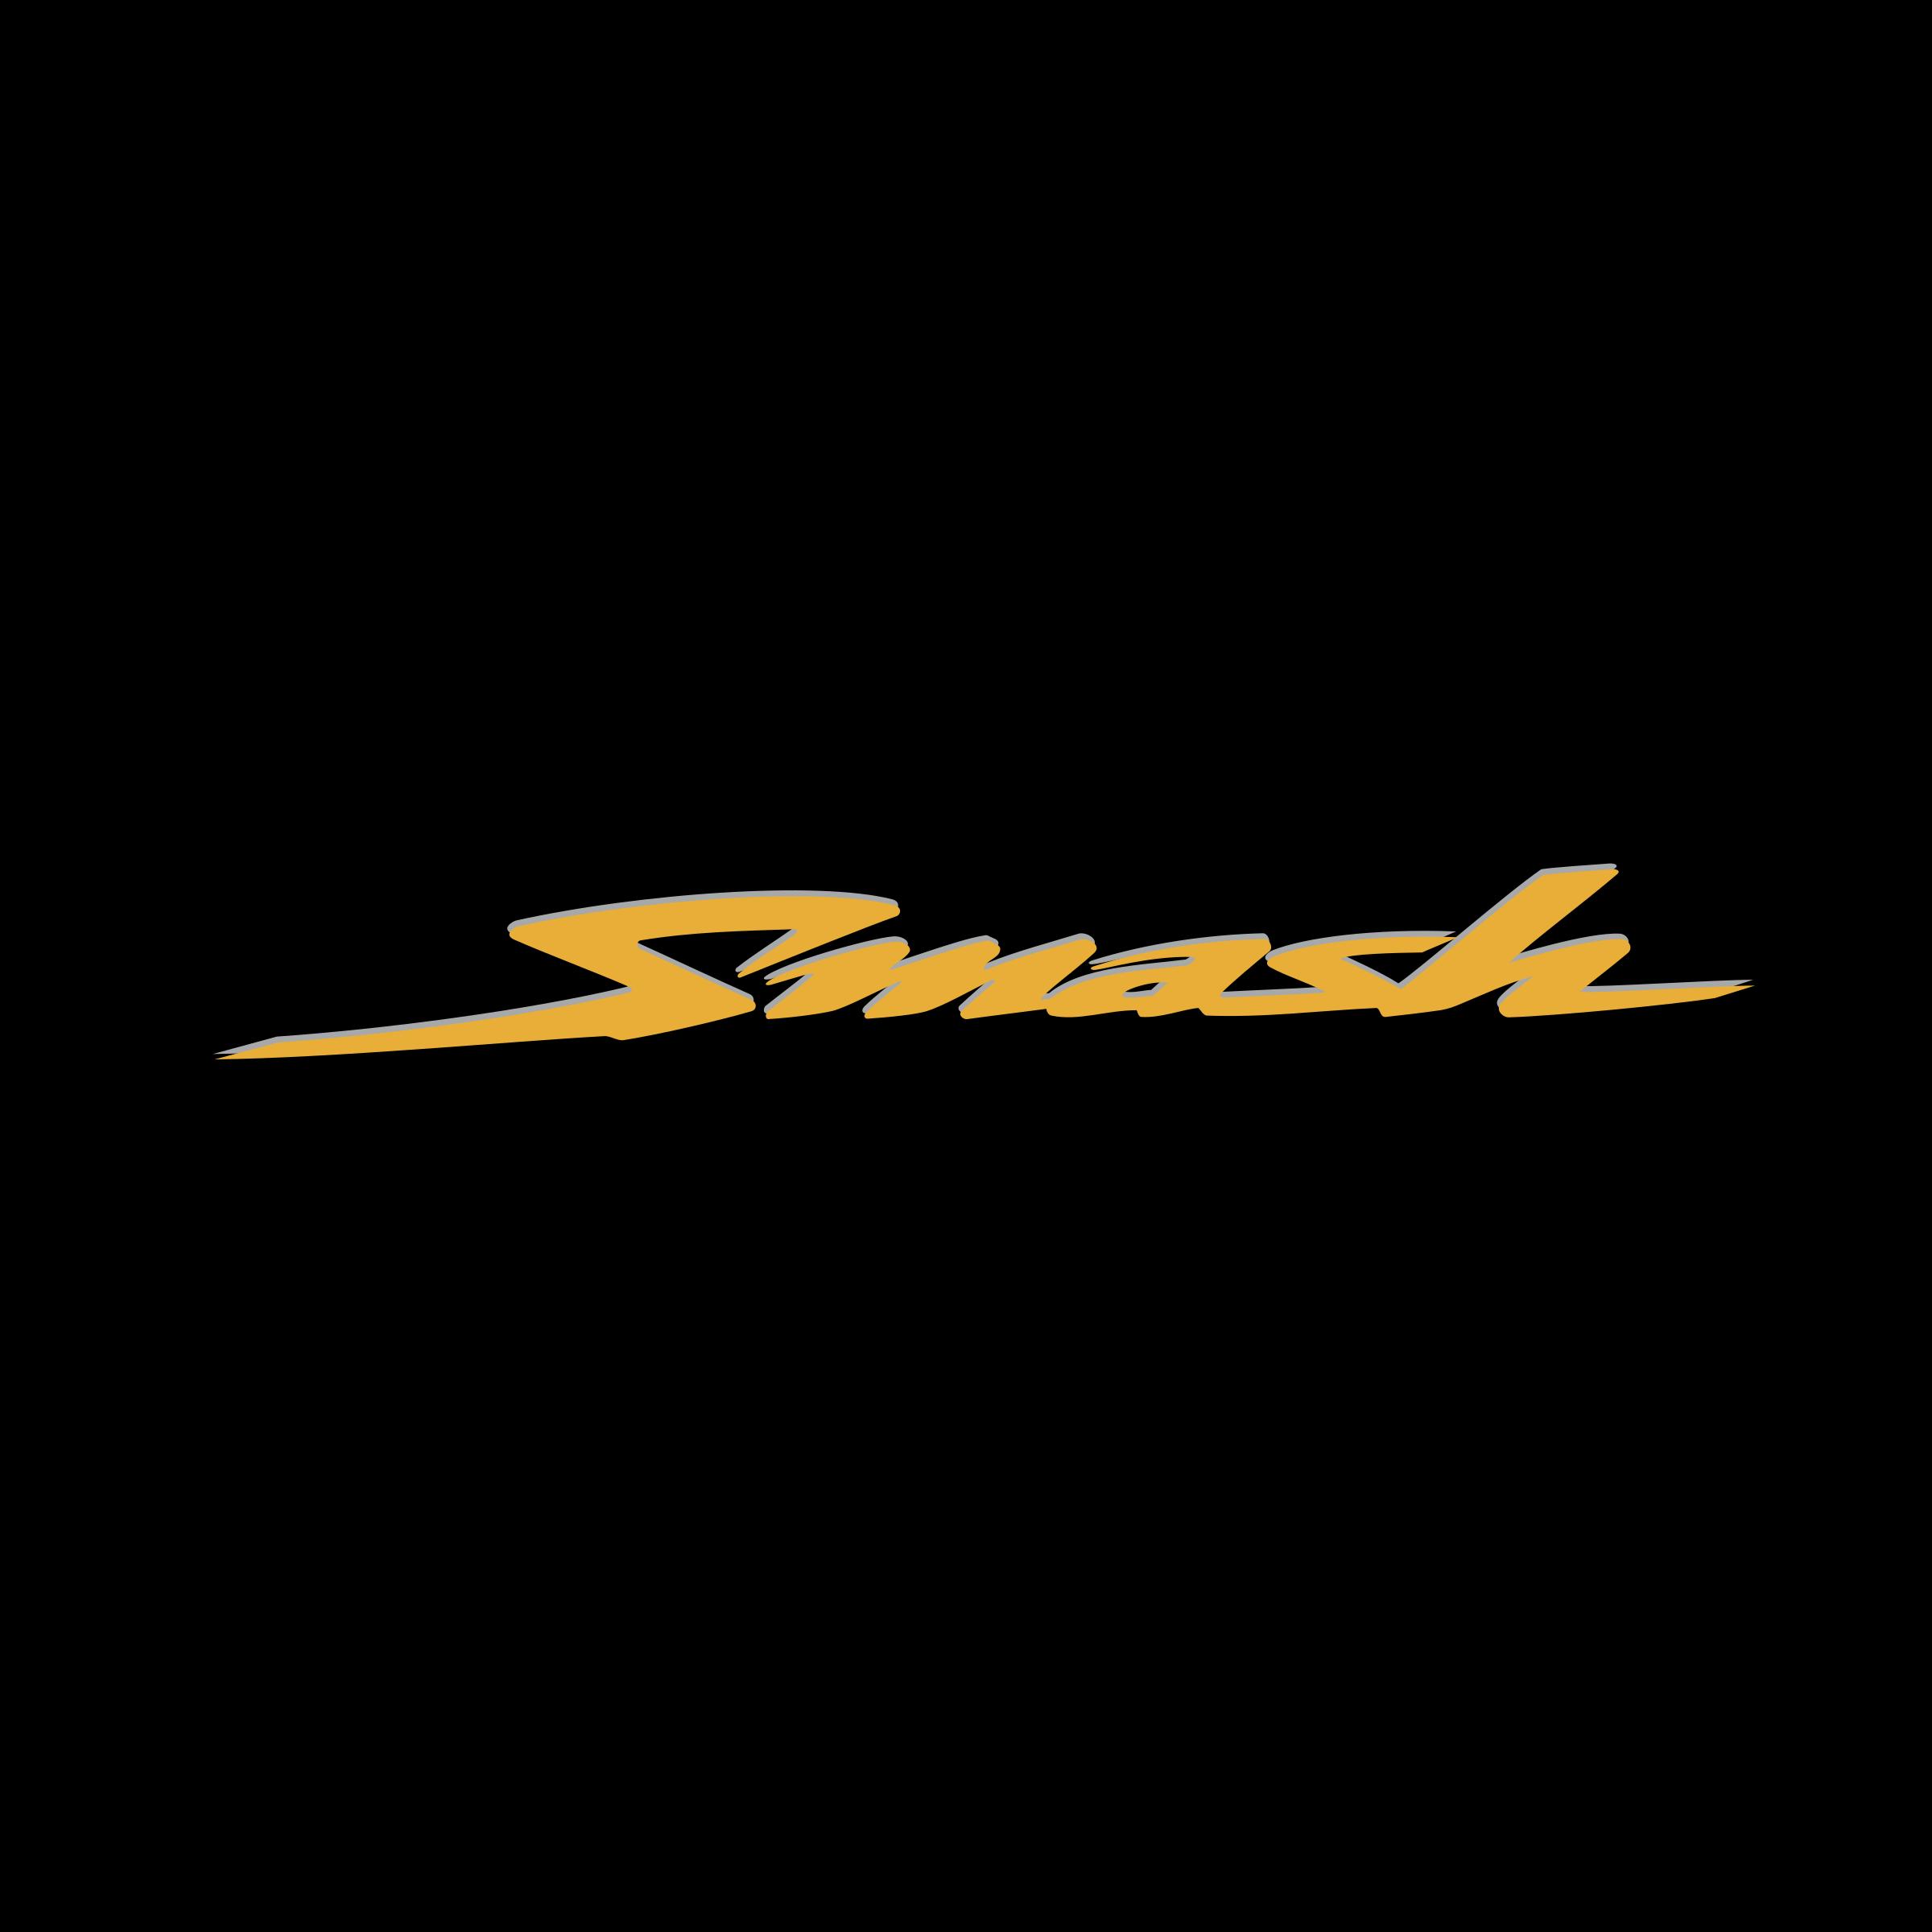 Smash Logo PNG Transparent & SVG Vector - Freebie Supply